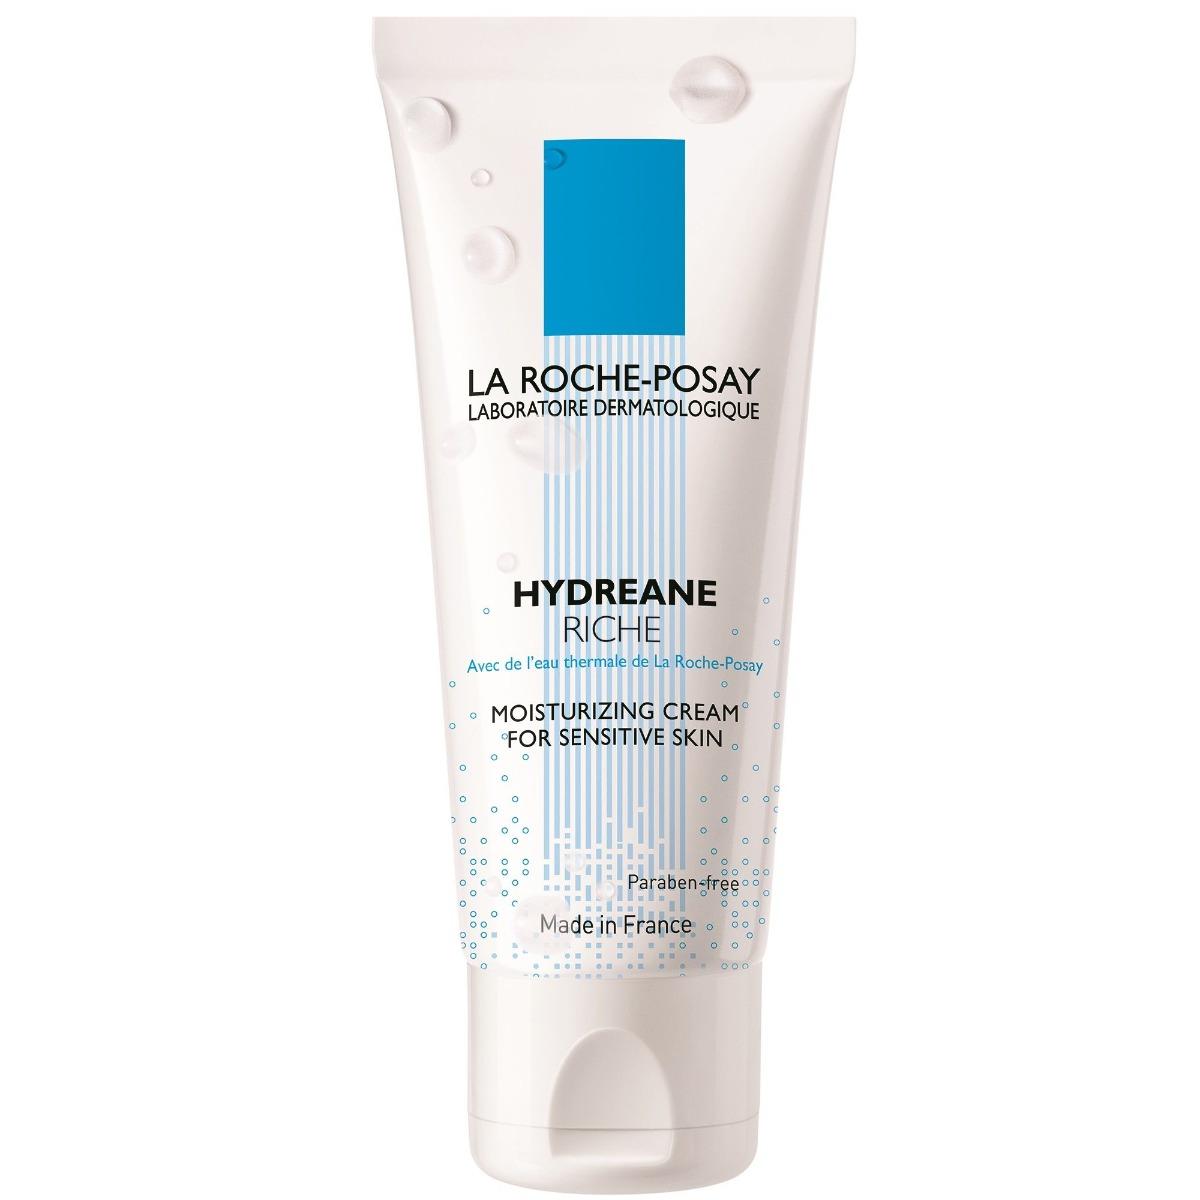 Crema hidratanta pentru ten uscat Hydreane Riche, 40ml, La Roche-Posay